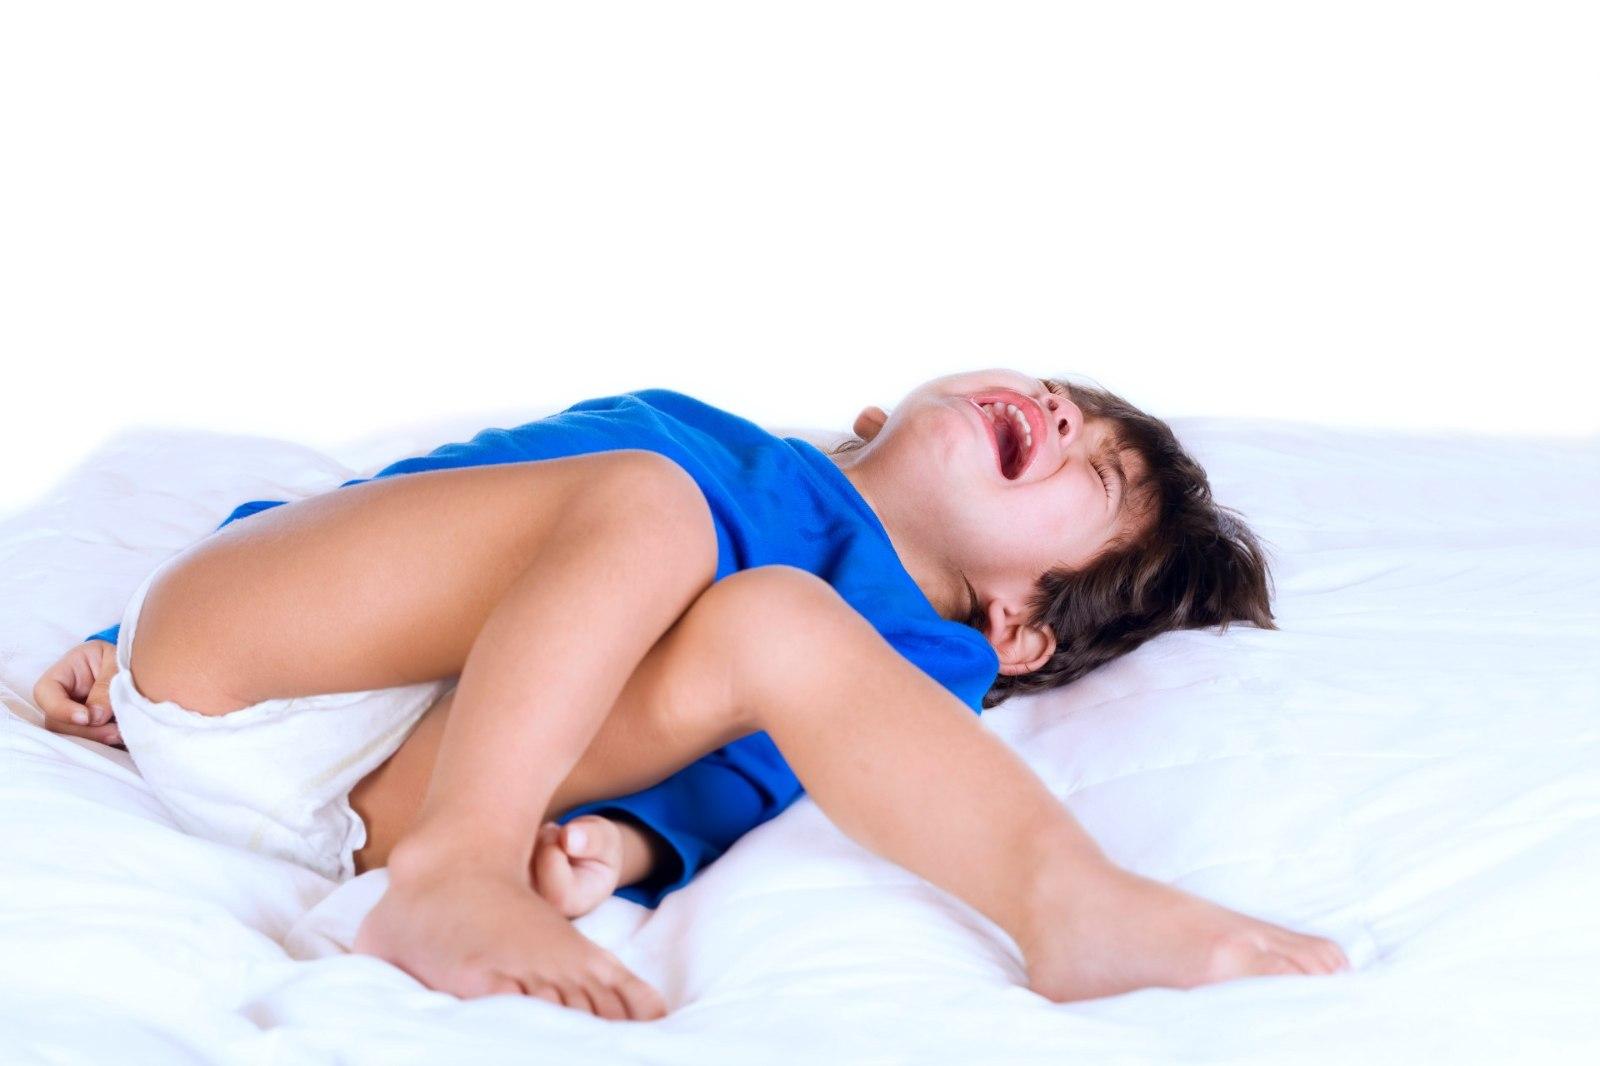 Судороги и схватки при оргазме, Судороги от оргазма -видео. Смотреть судороги от 18 фотография